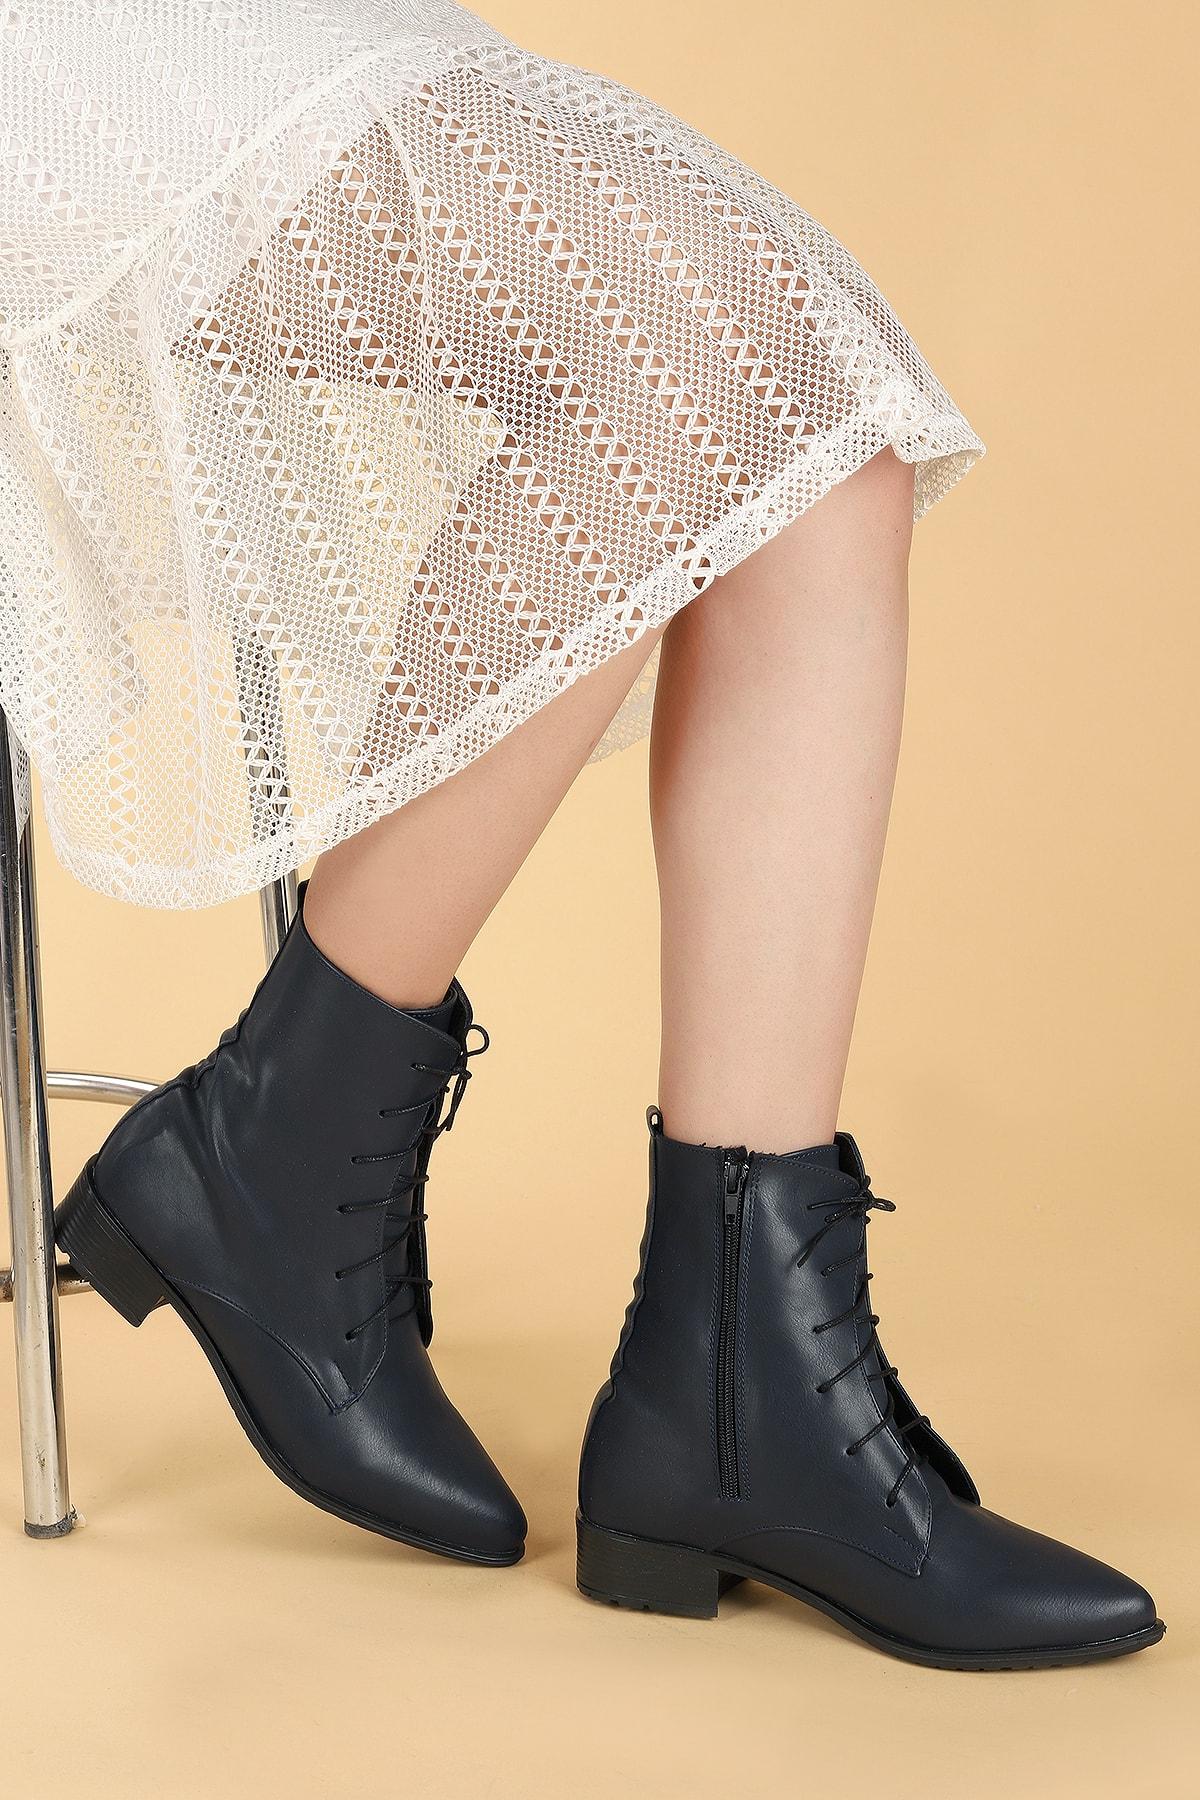 Ayakland Kadın Lacivert Cilt Bağcıklı Termo Taban Bot Ayakkabı 007-01 2